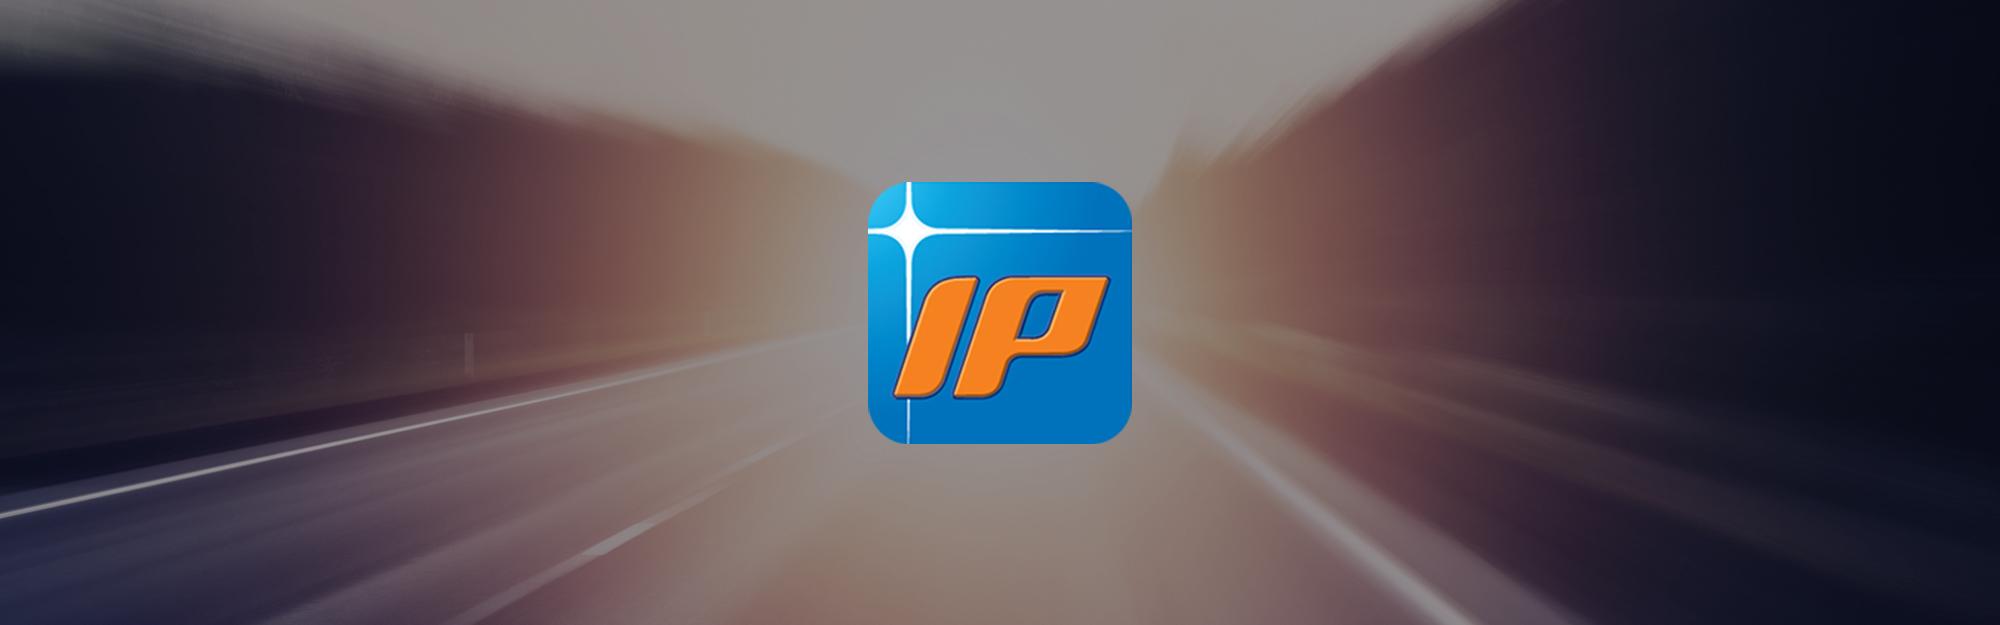 IQUII è il nuovo partner tecnologico di IP nelle attività Web e Mobile a supporto del Loyalty Program IP Premia